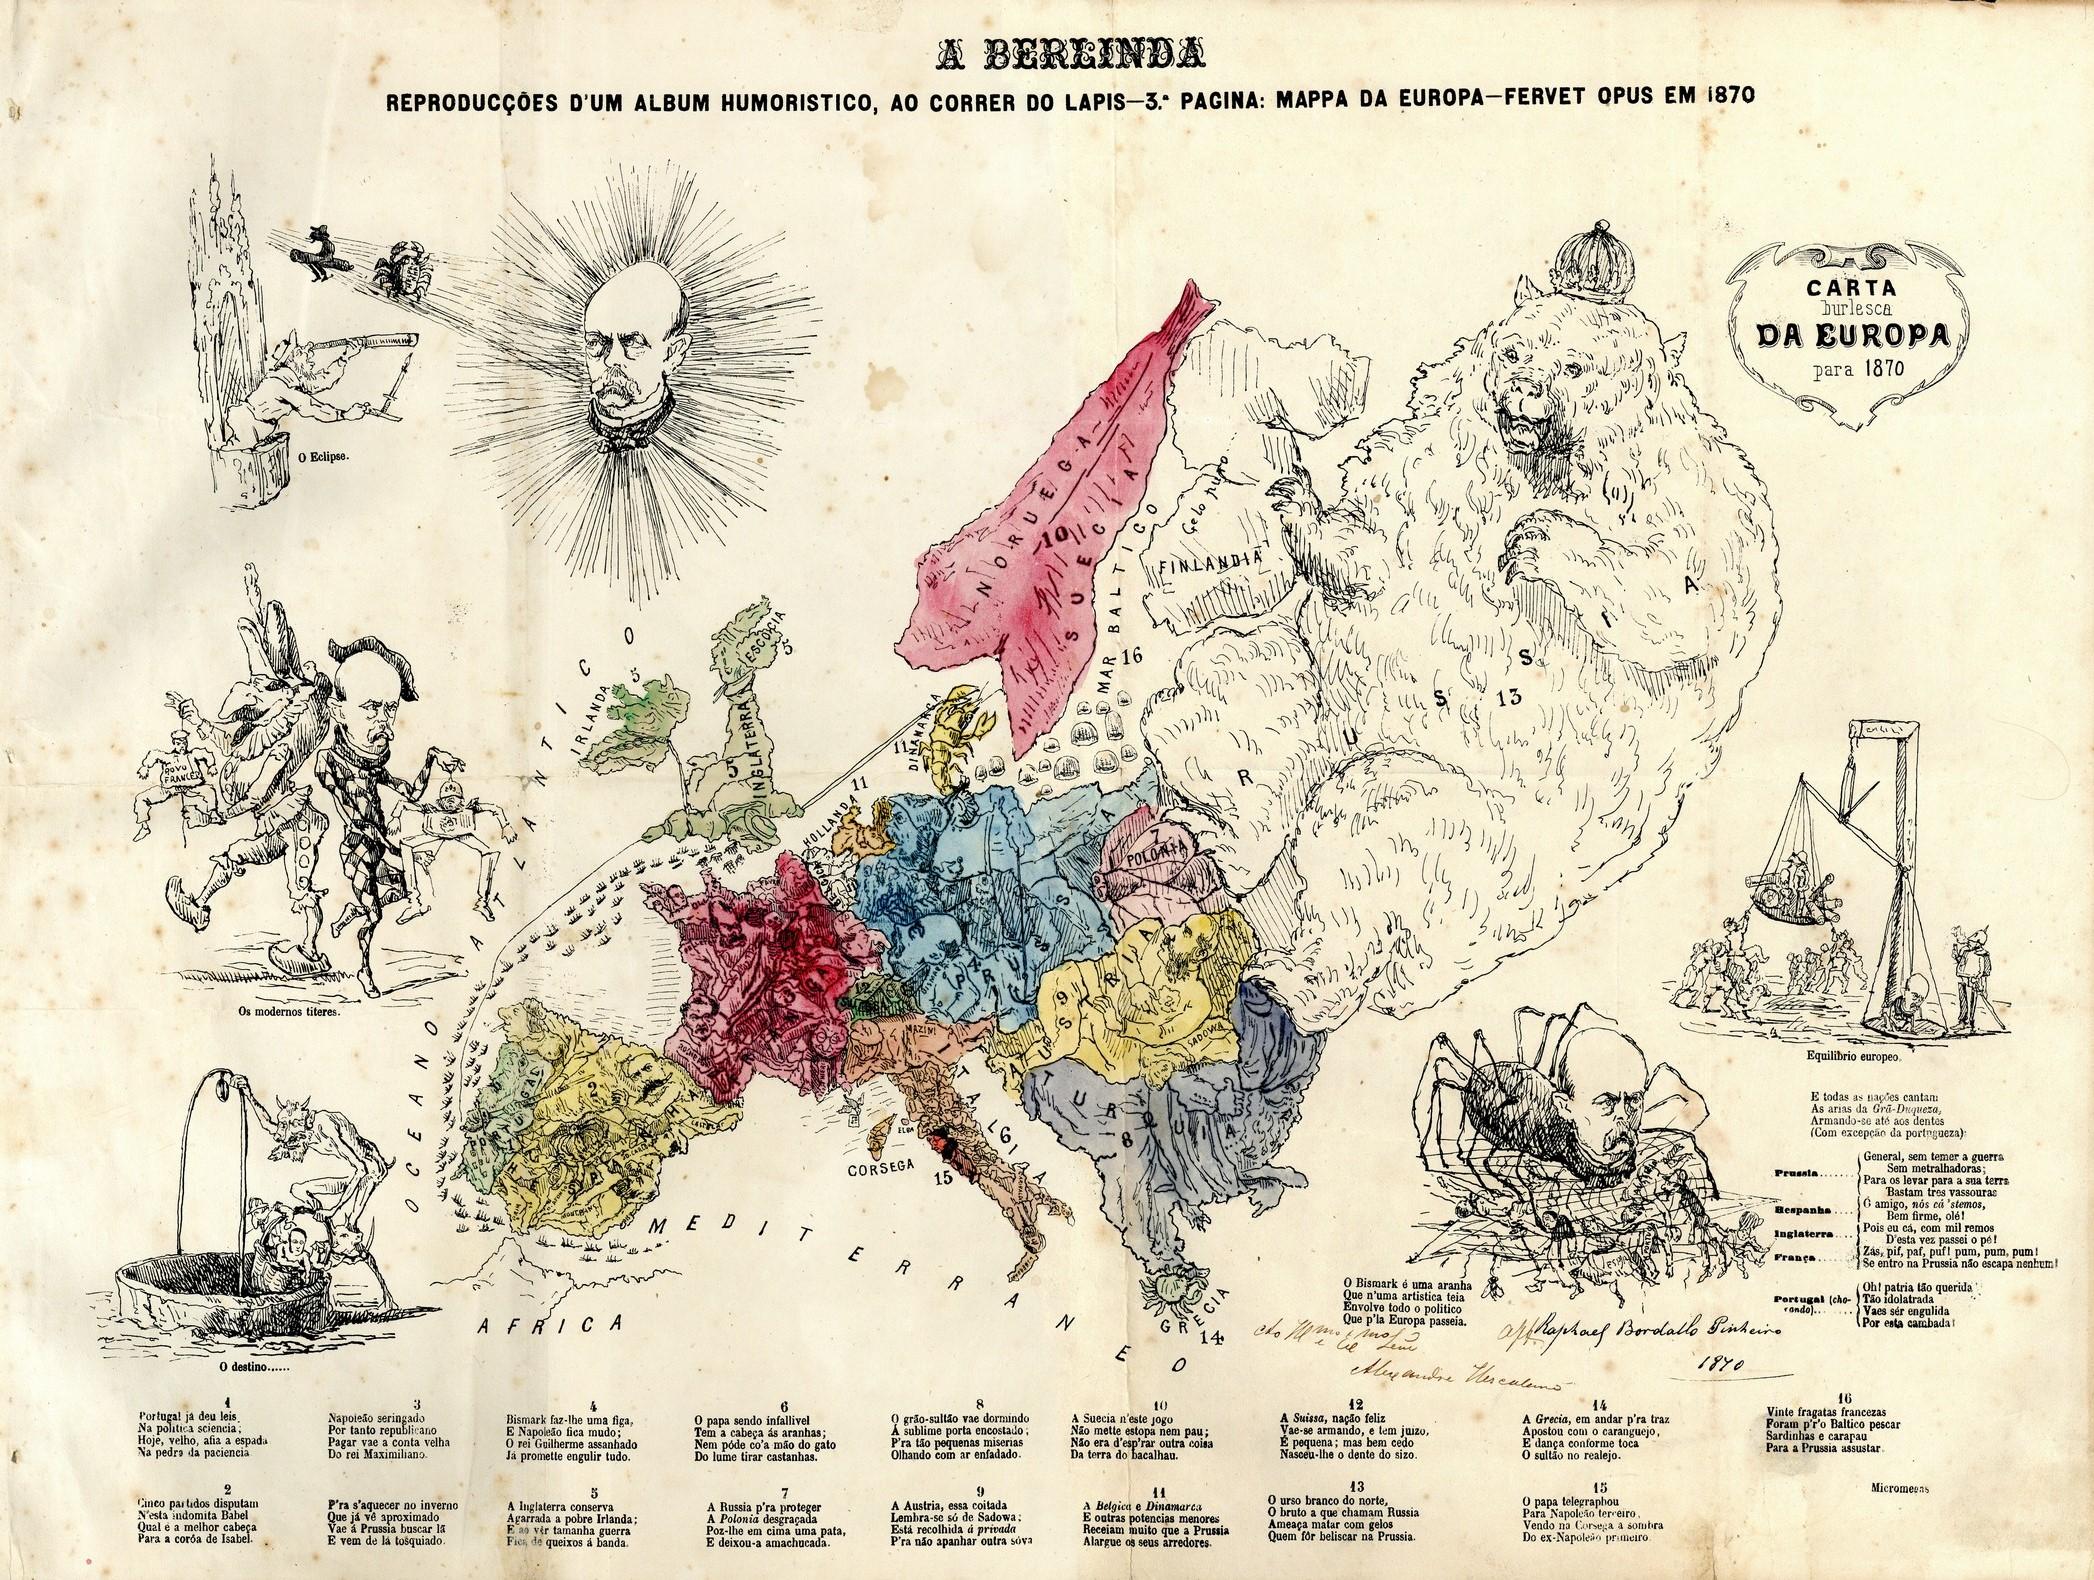 """""""Carta burlesca da Europa para 1870"""", A Berlinda, 1870, pag. 3. Mapa da Europa em que cada país é caricaturado com humor."""